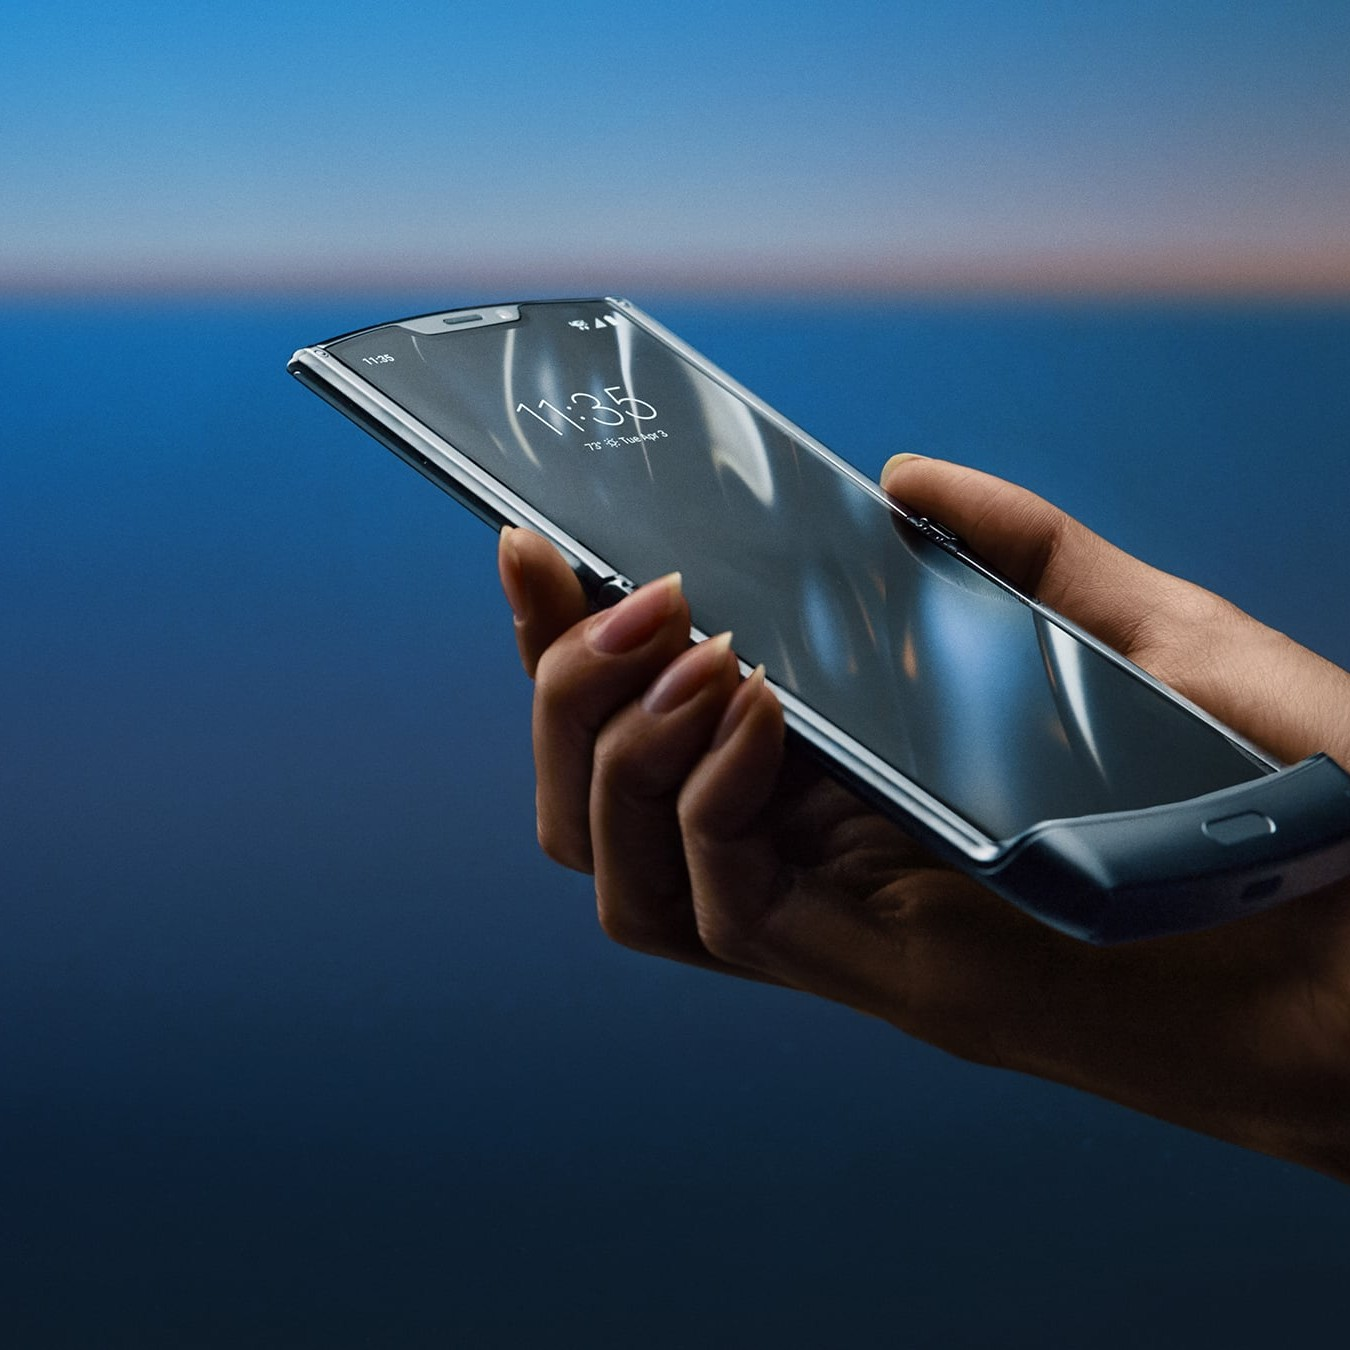 A hand holding an open Motorola Razr